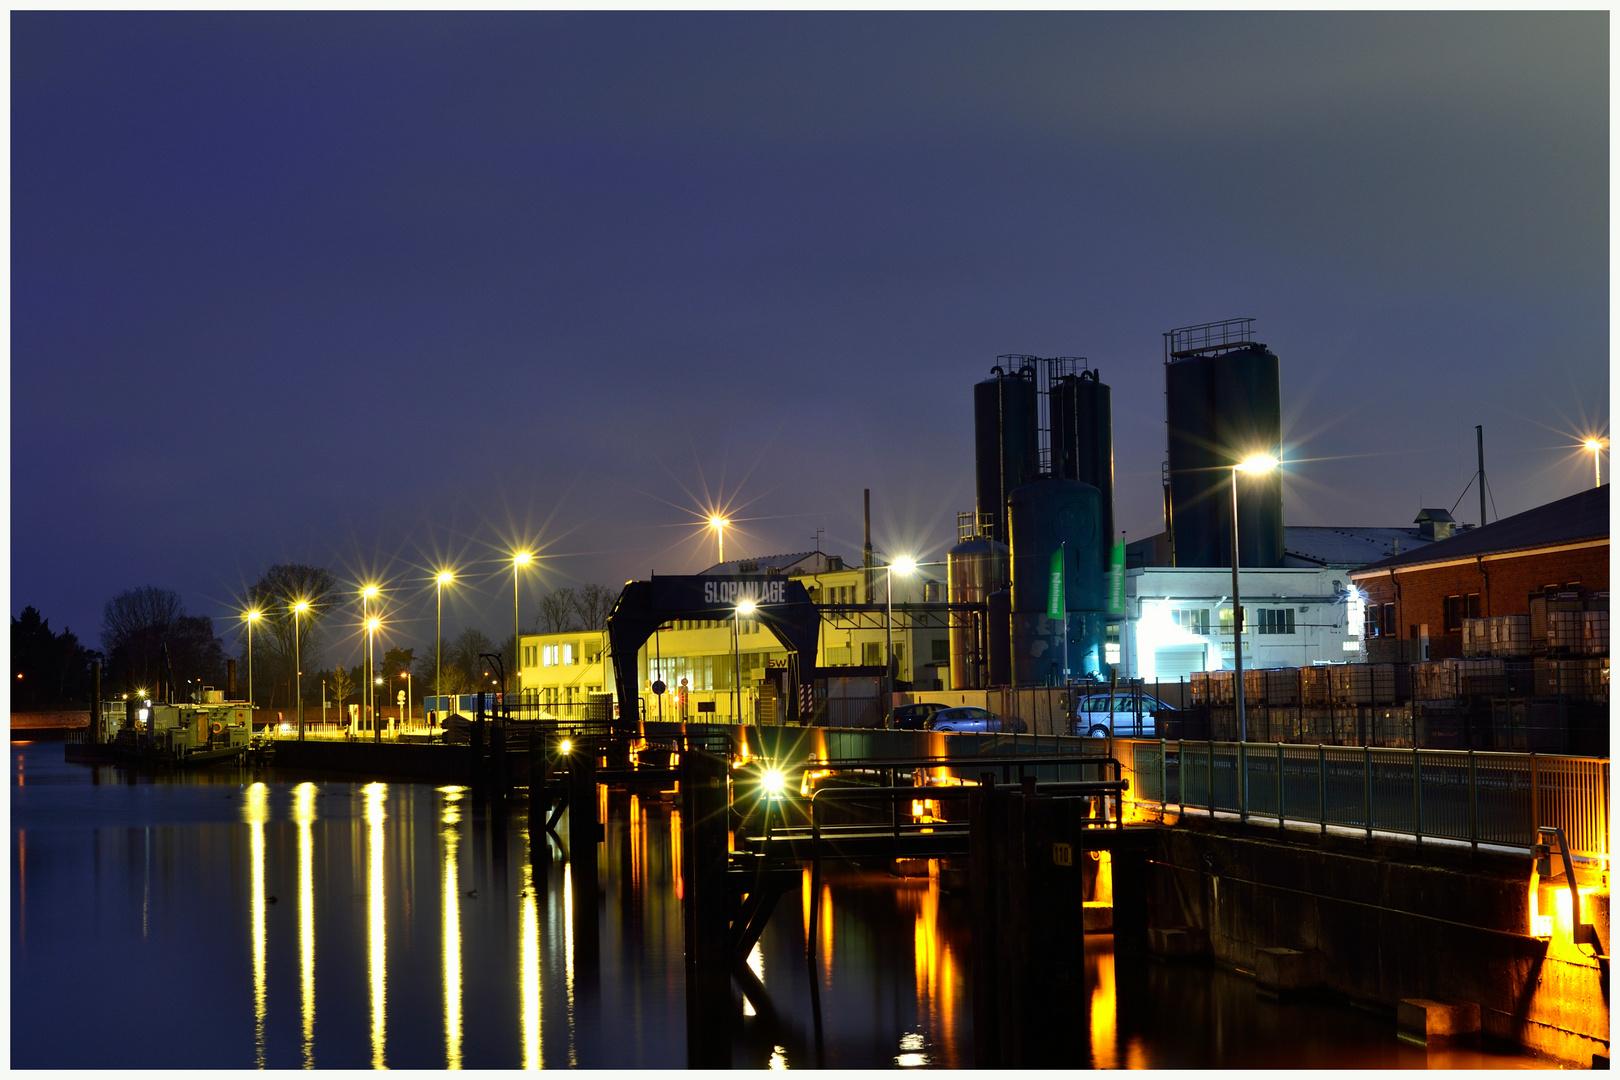 Hemelinger Hafen